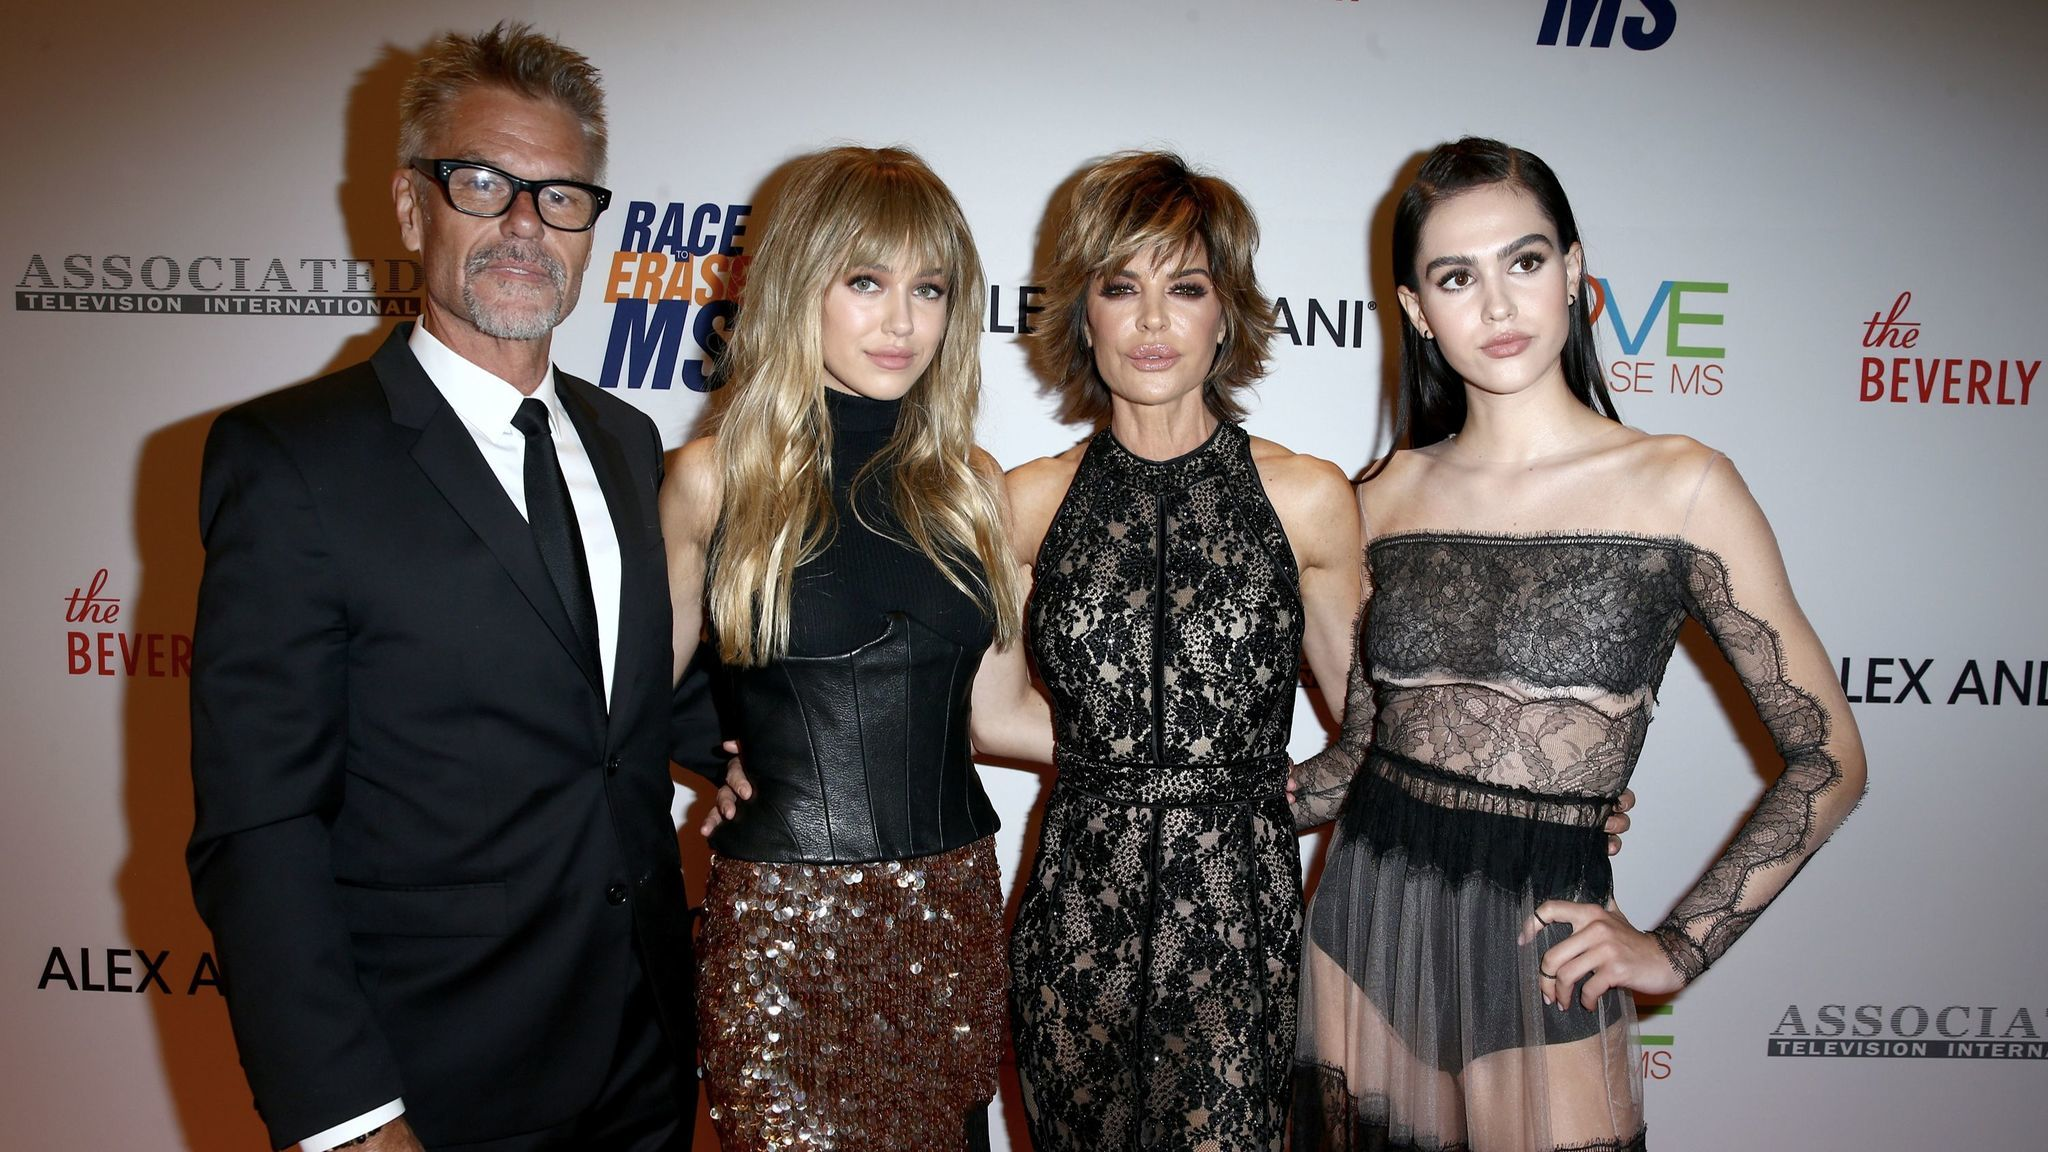 From left, Harry Hamlin, Delilah Belle Hamlin, Lisa Rinna and Amelia Gray Hamlin.